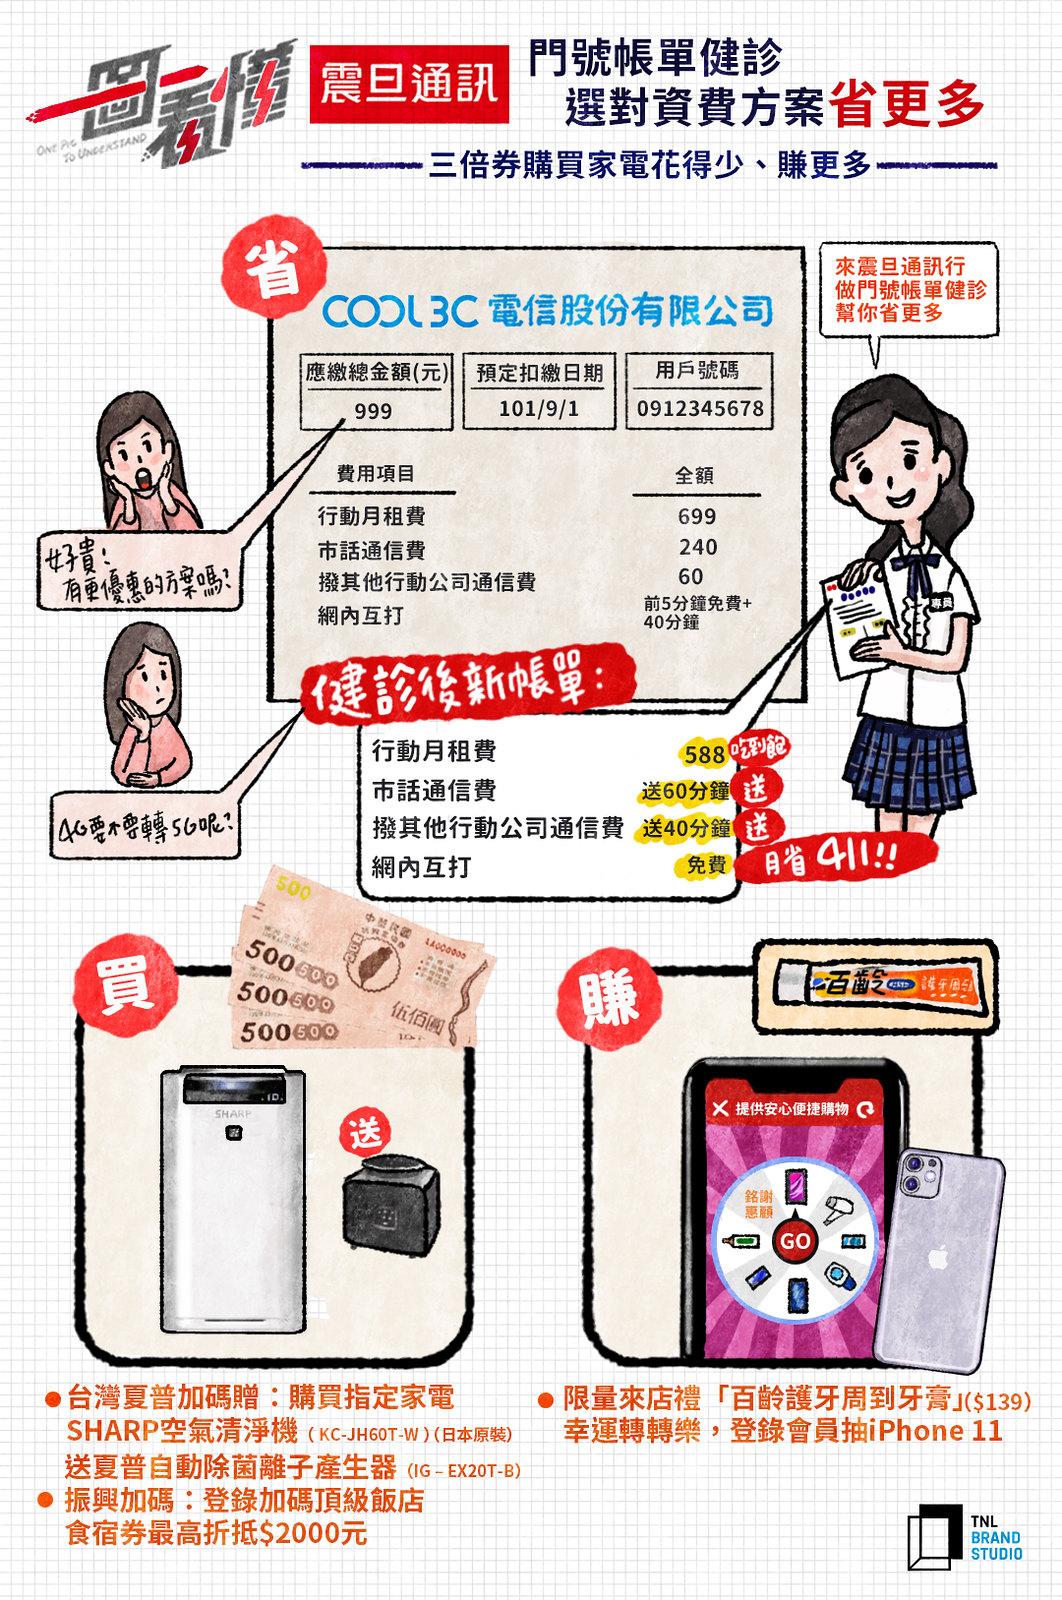 【震旦通訊】_cool3c_彩2